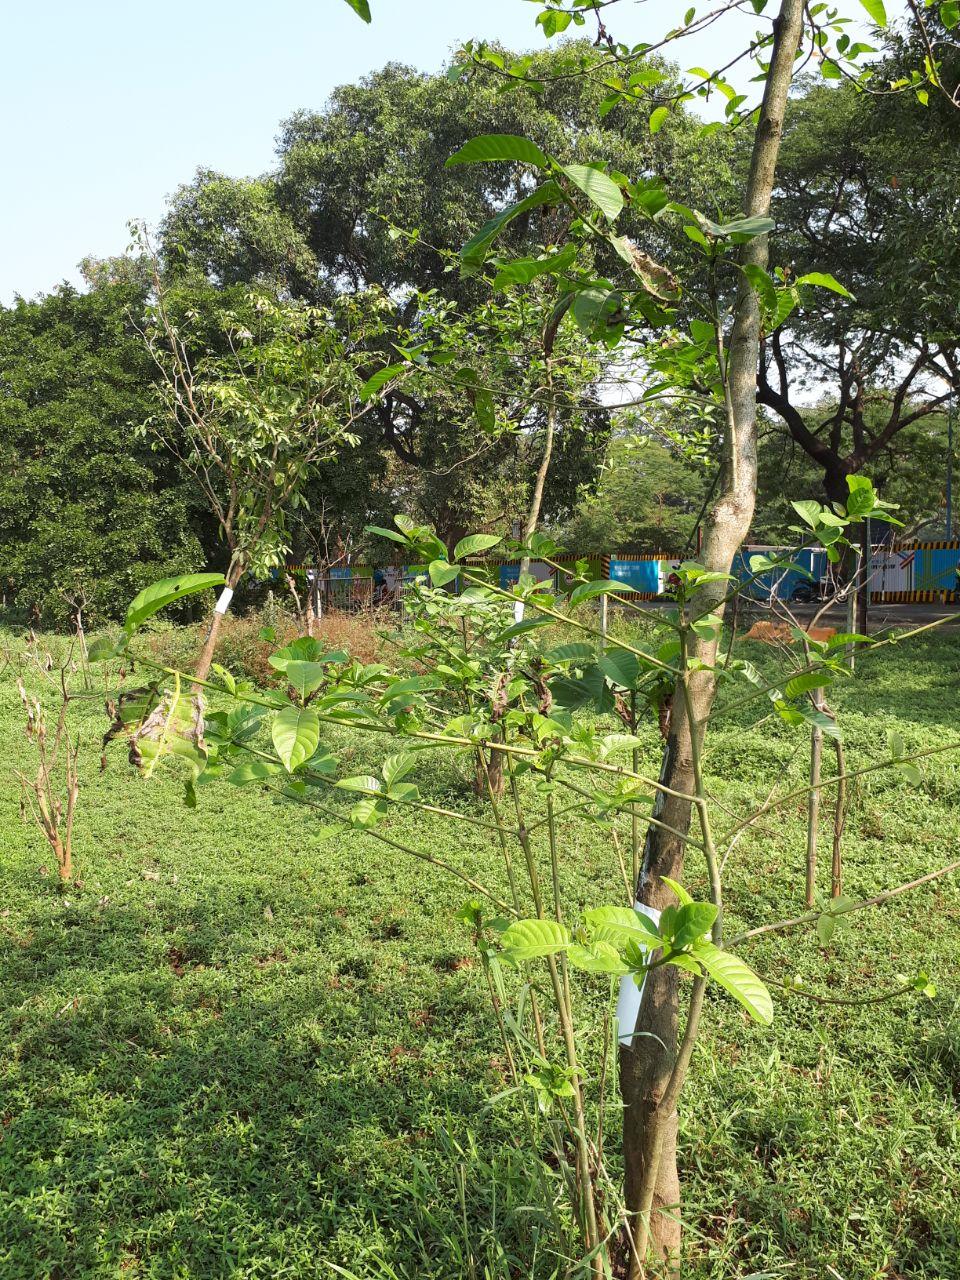 धक्कादायक! पुनर्रोपित झाडांची होणार कत्तल? एमएमआरसीचा प्रताप